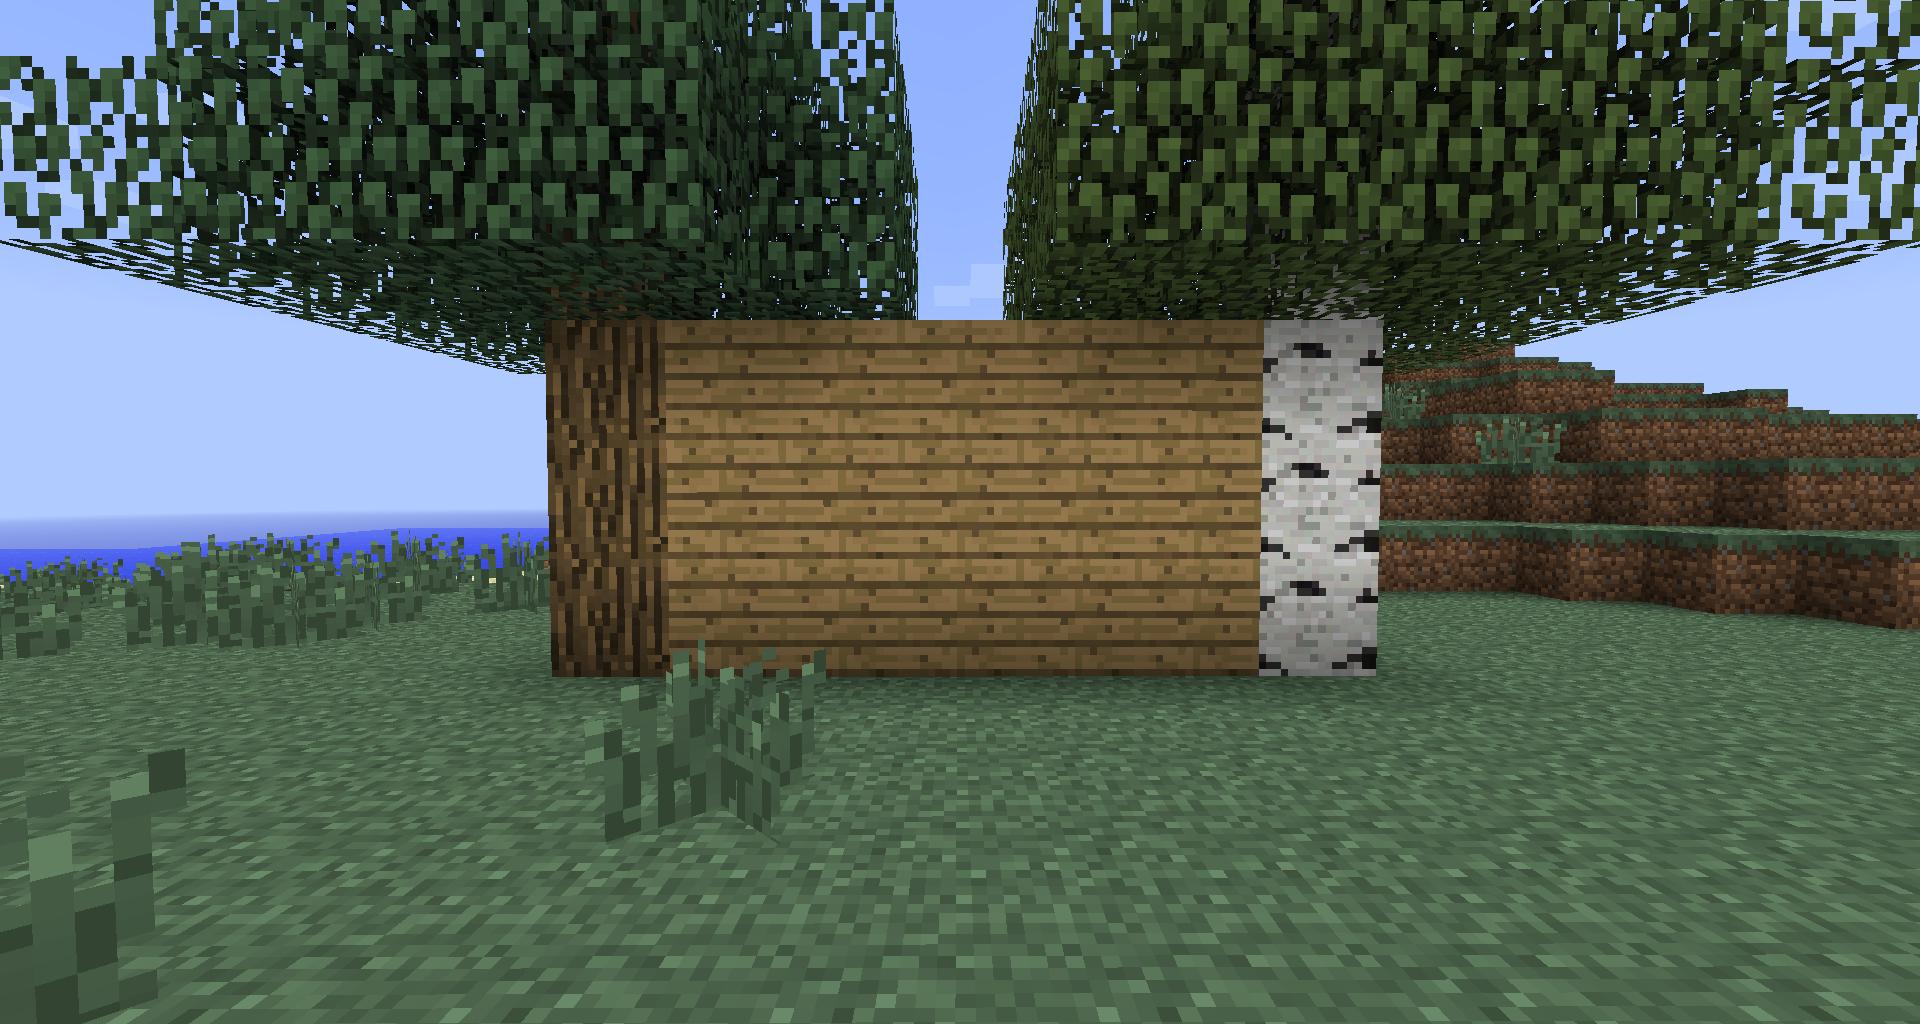 Minecraft comment avoir du bois ininflammable - Comment faire une table d enchantement minecraft ...